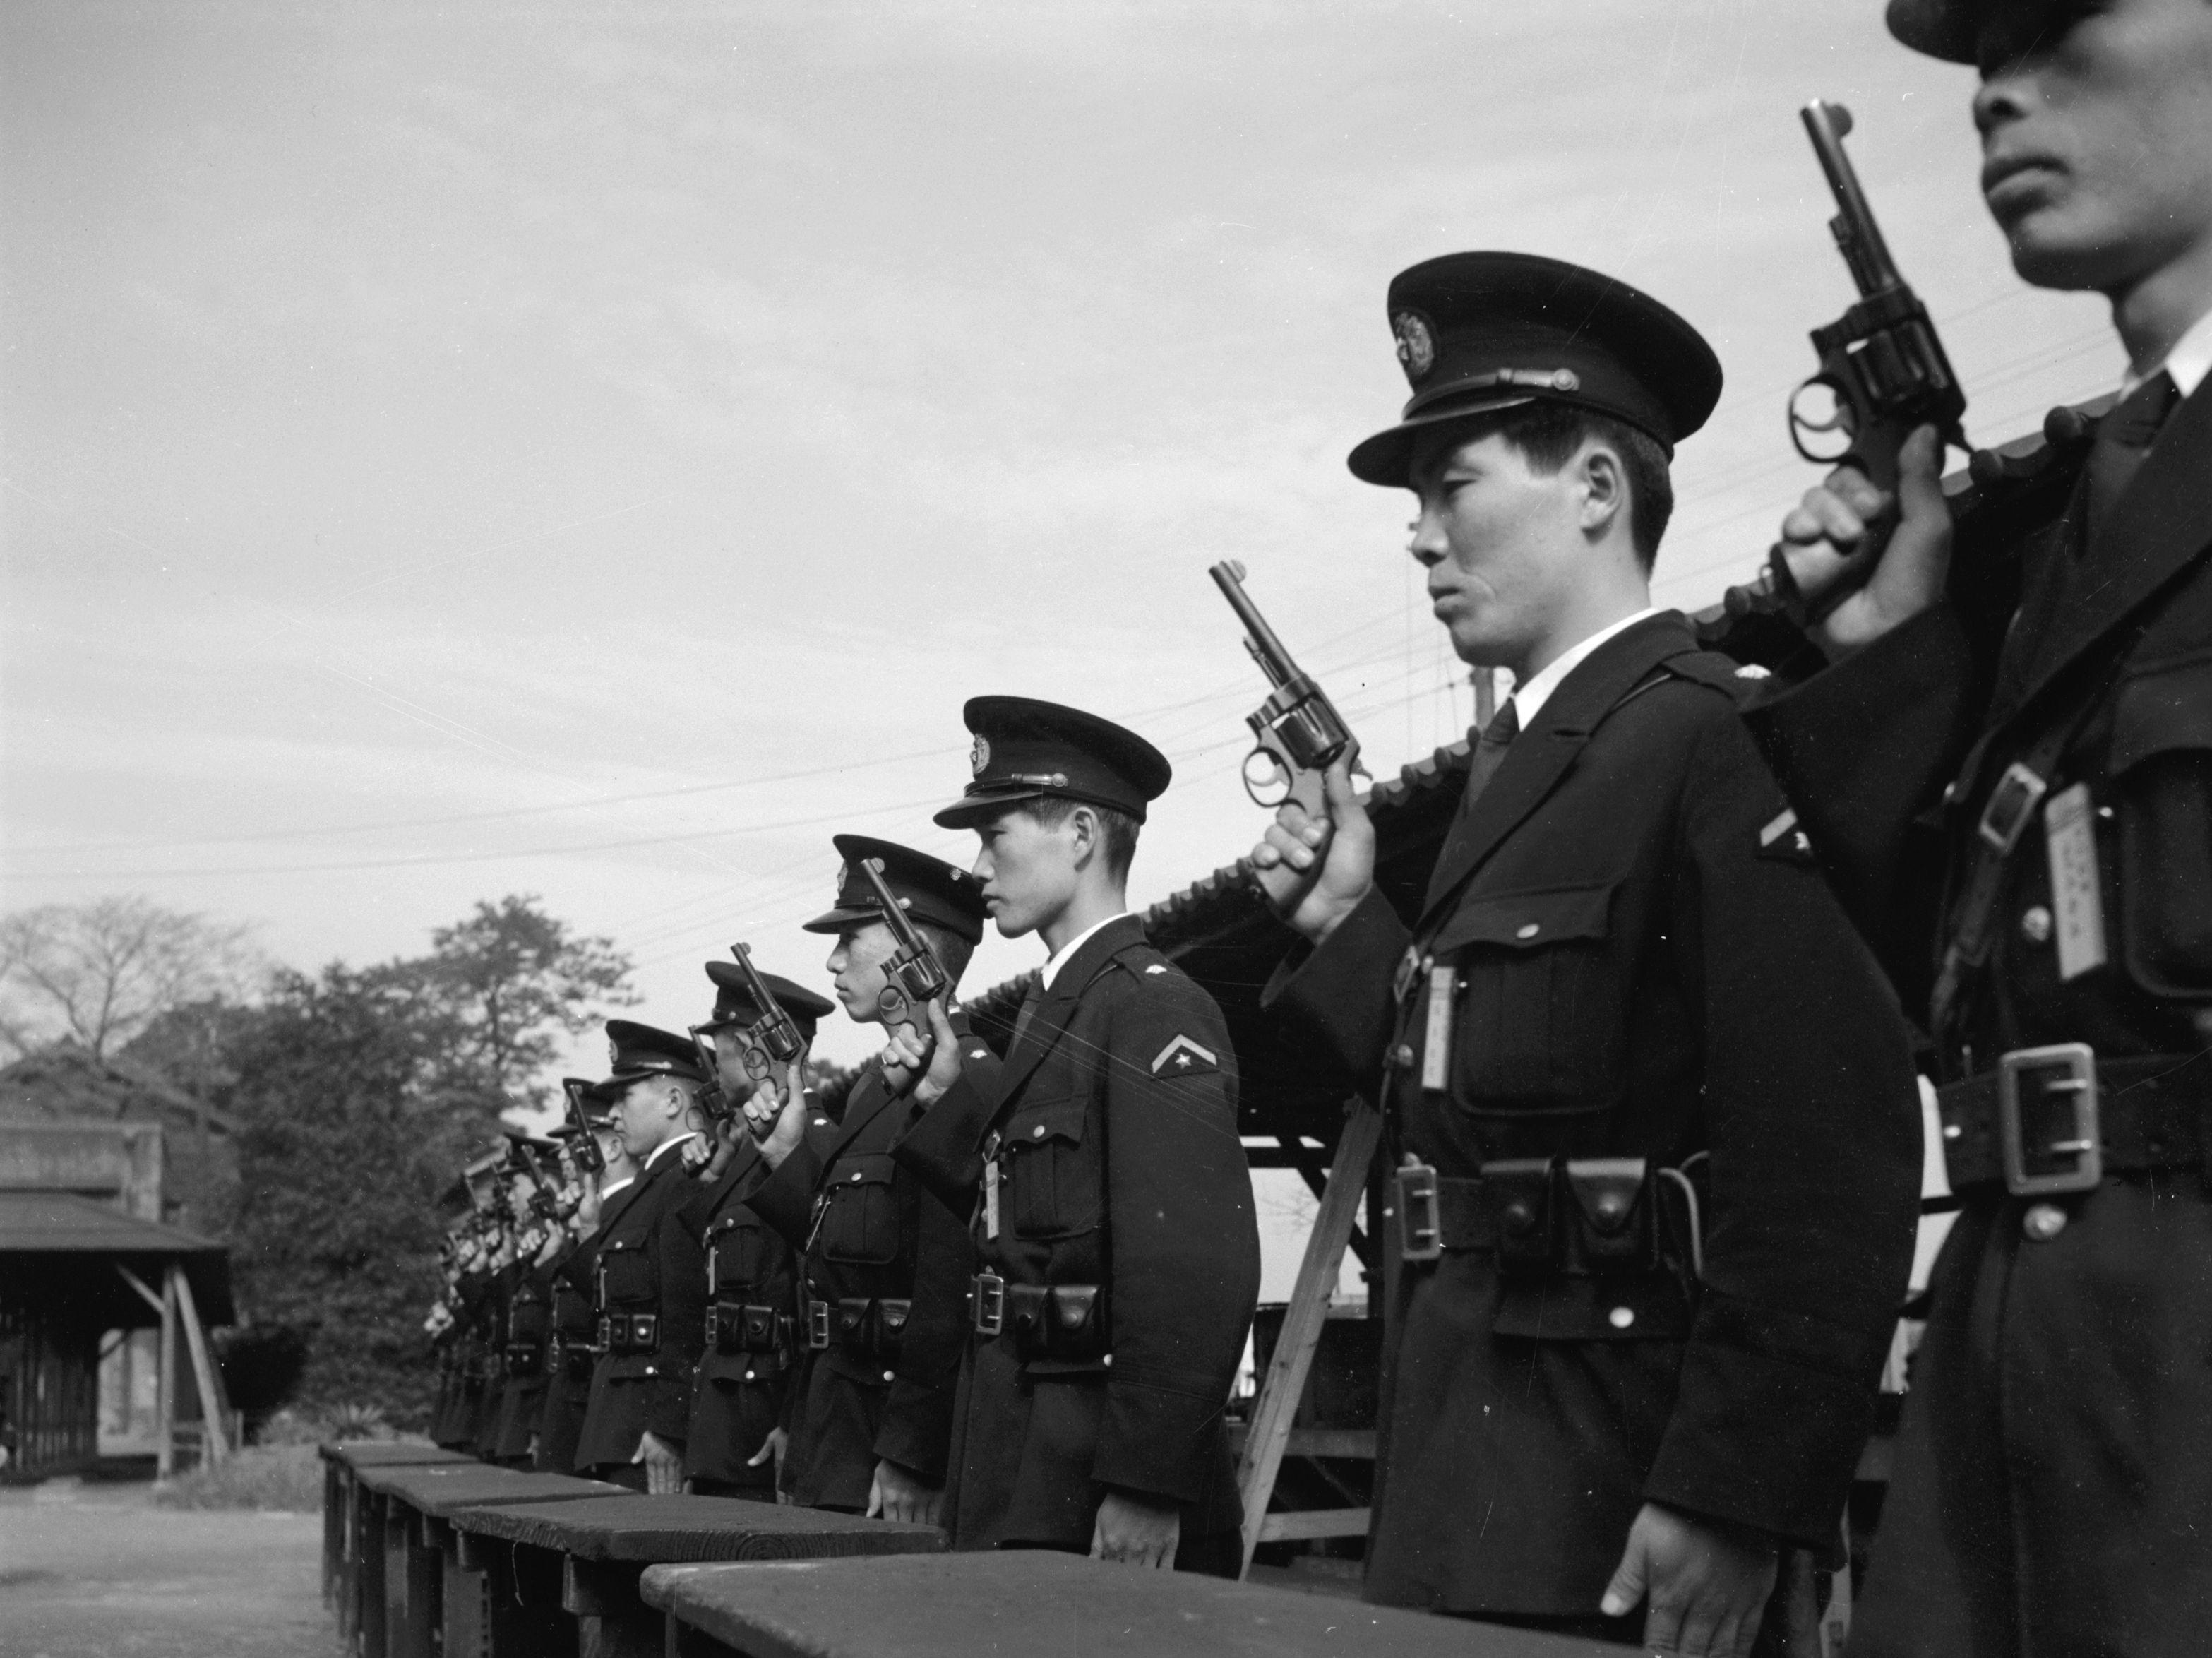 Ranet første til den største politietterforskningen i Japans historie. Her er det japanske politi på en skyteøvelse i 1955.